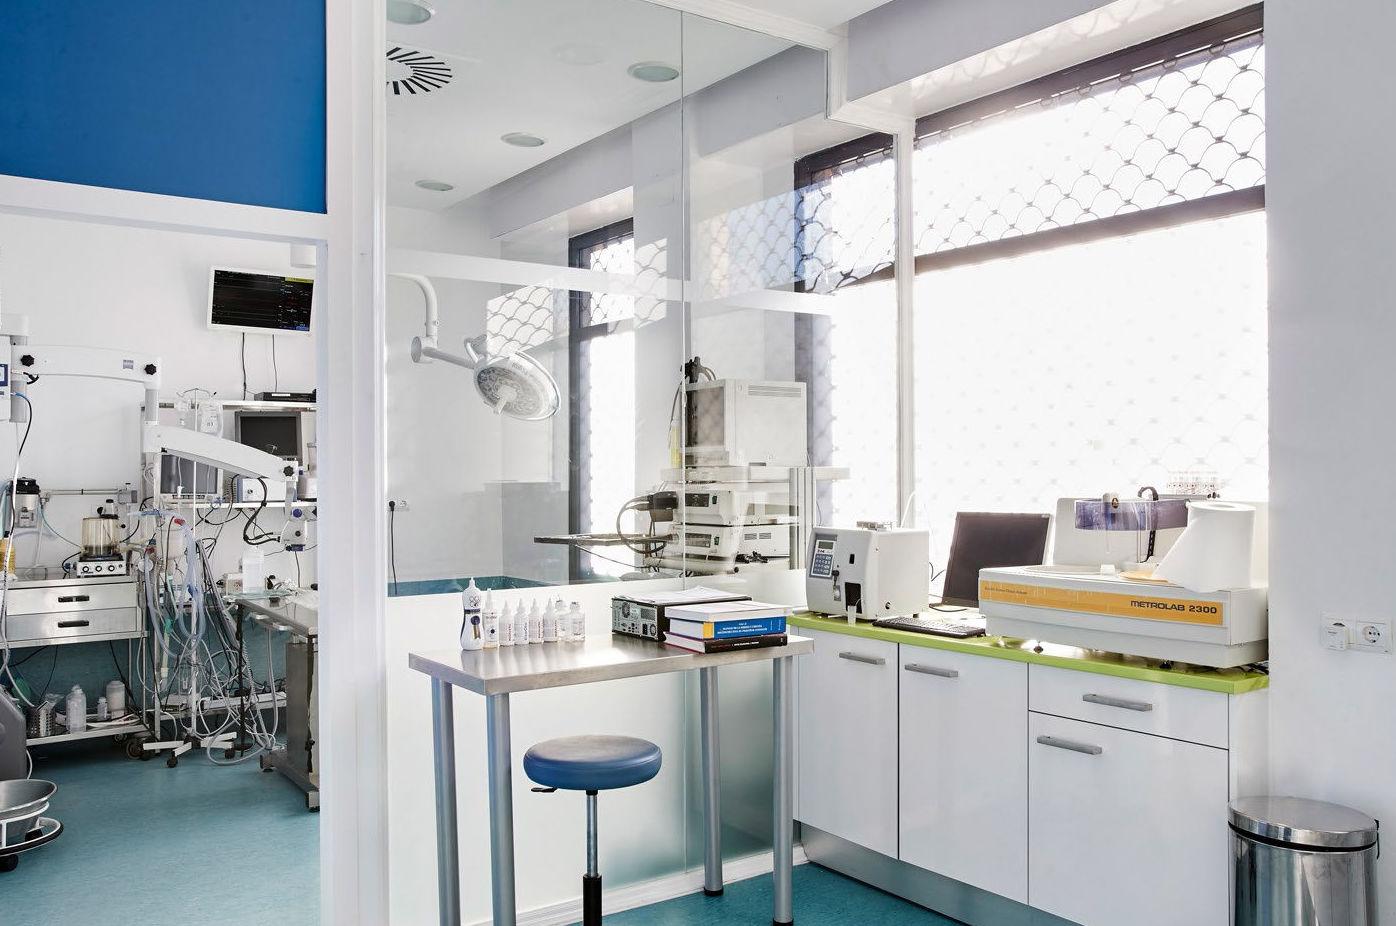 Laboratorio y sala de esterilización